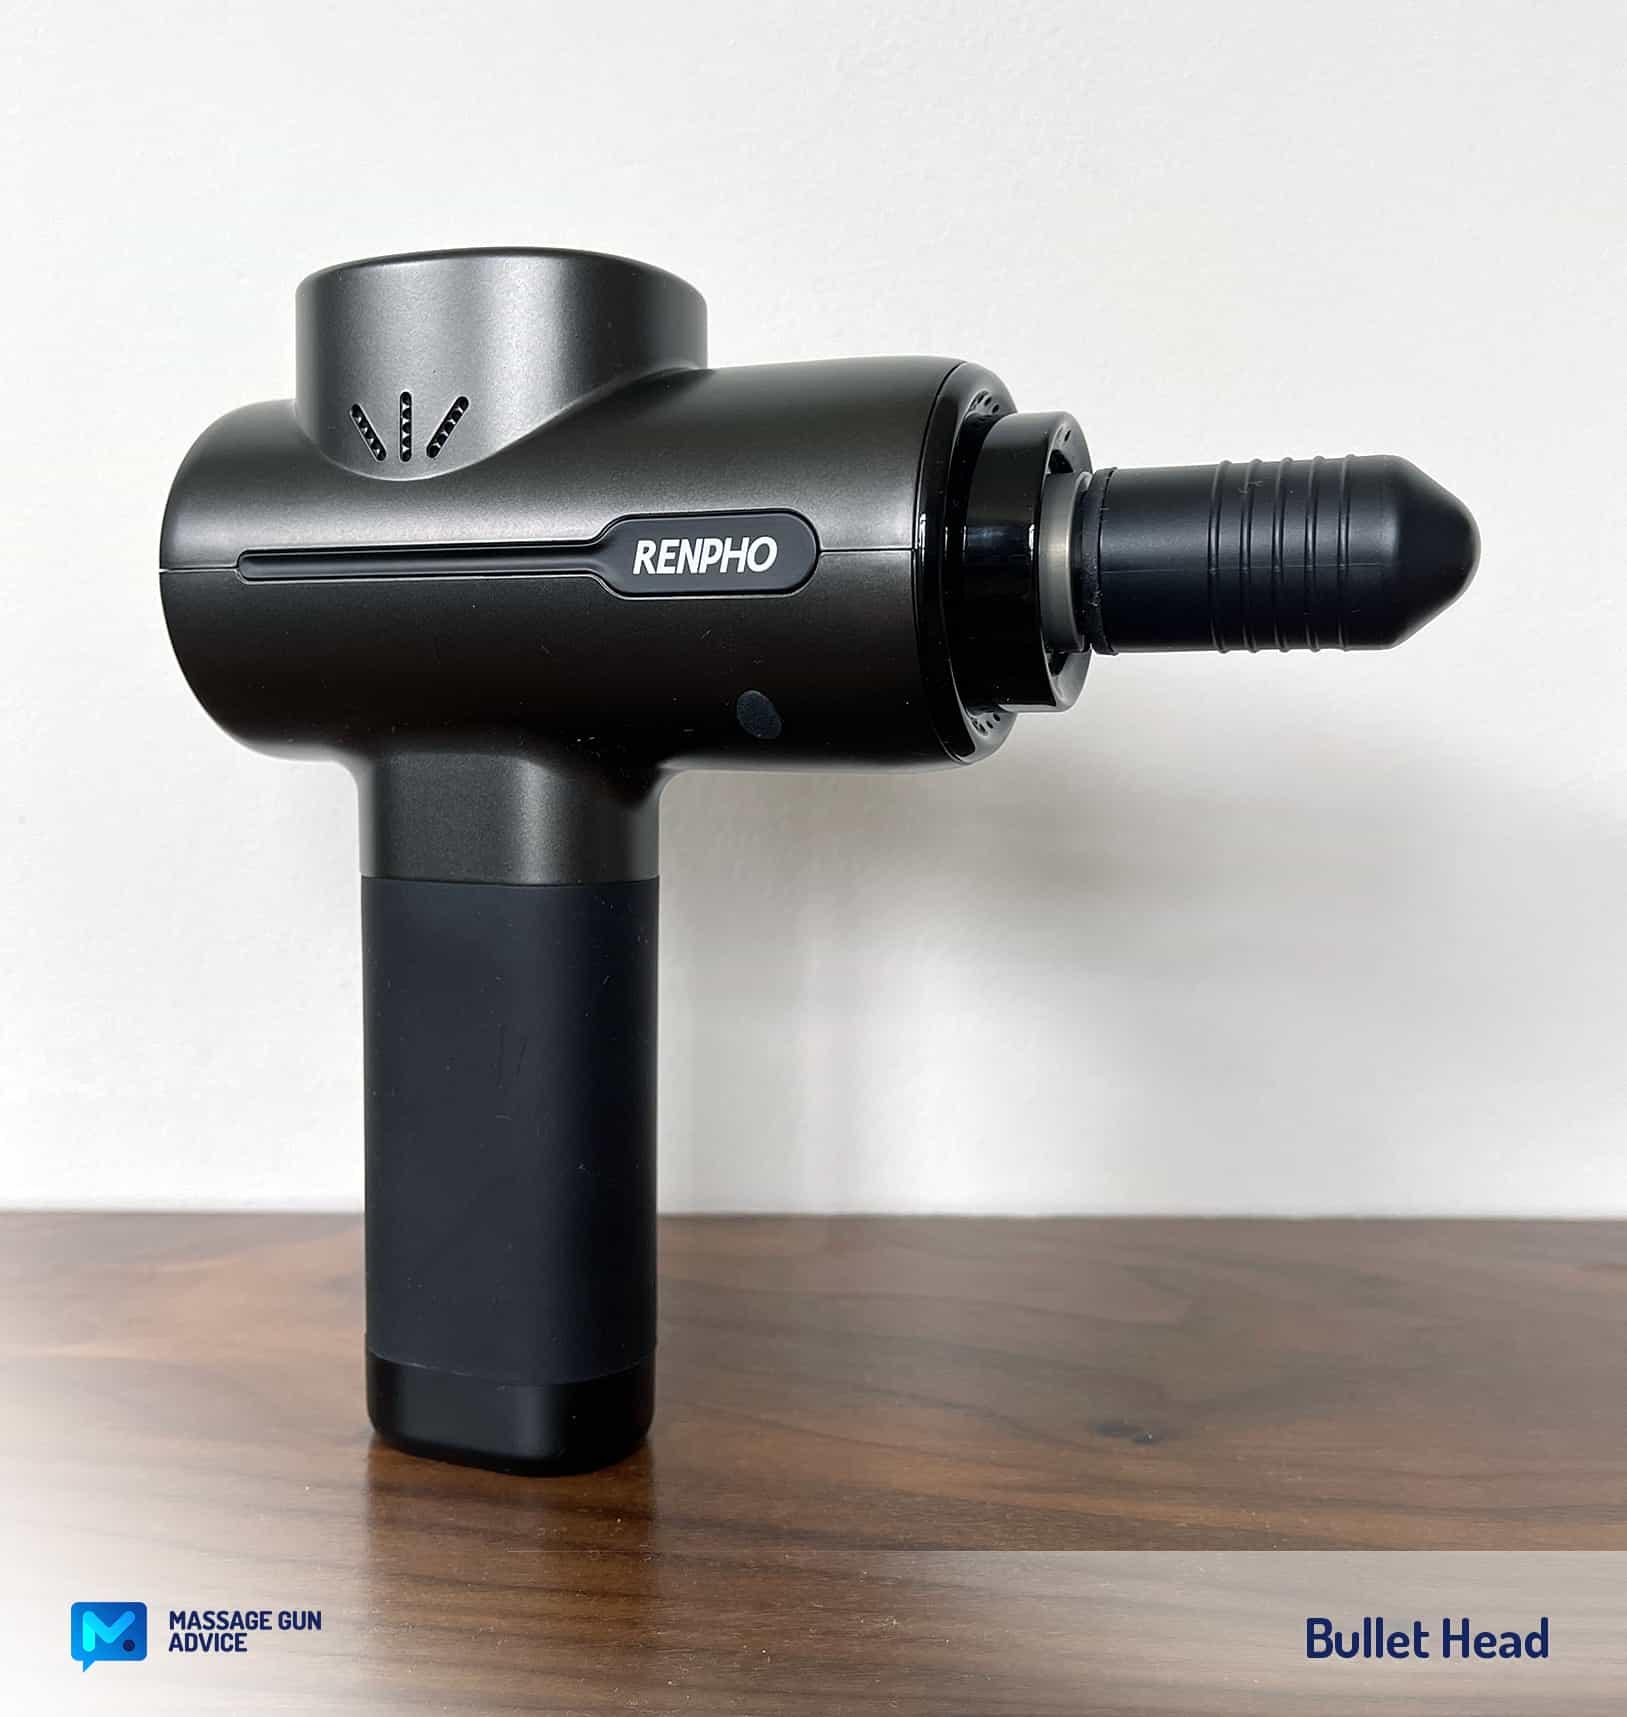 renpho r3 attachment bullet head